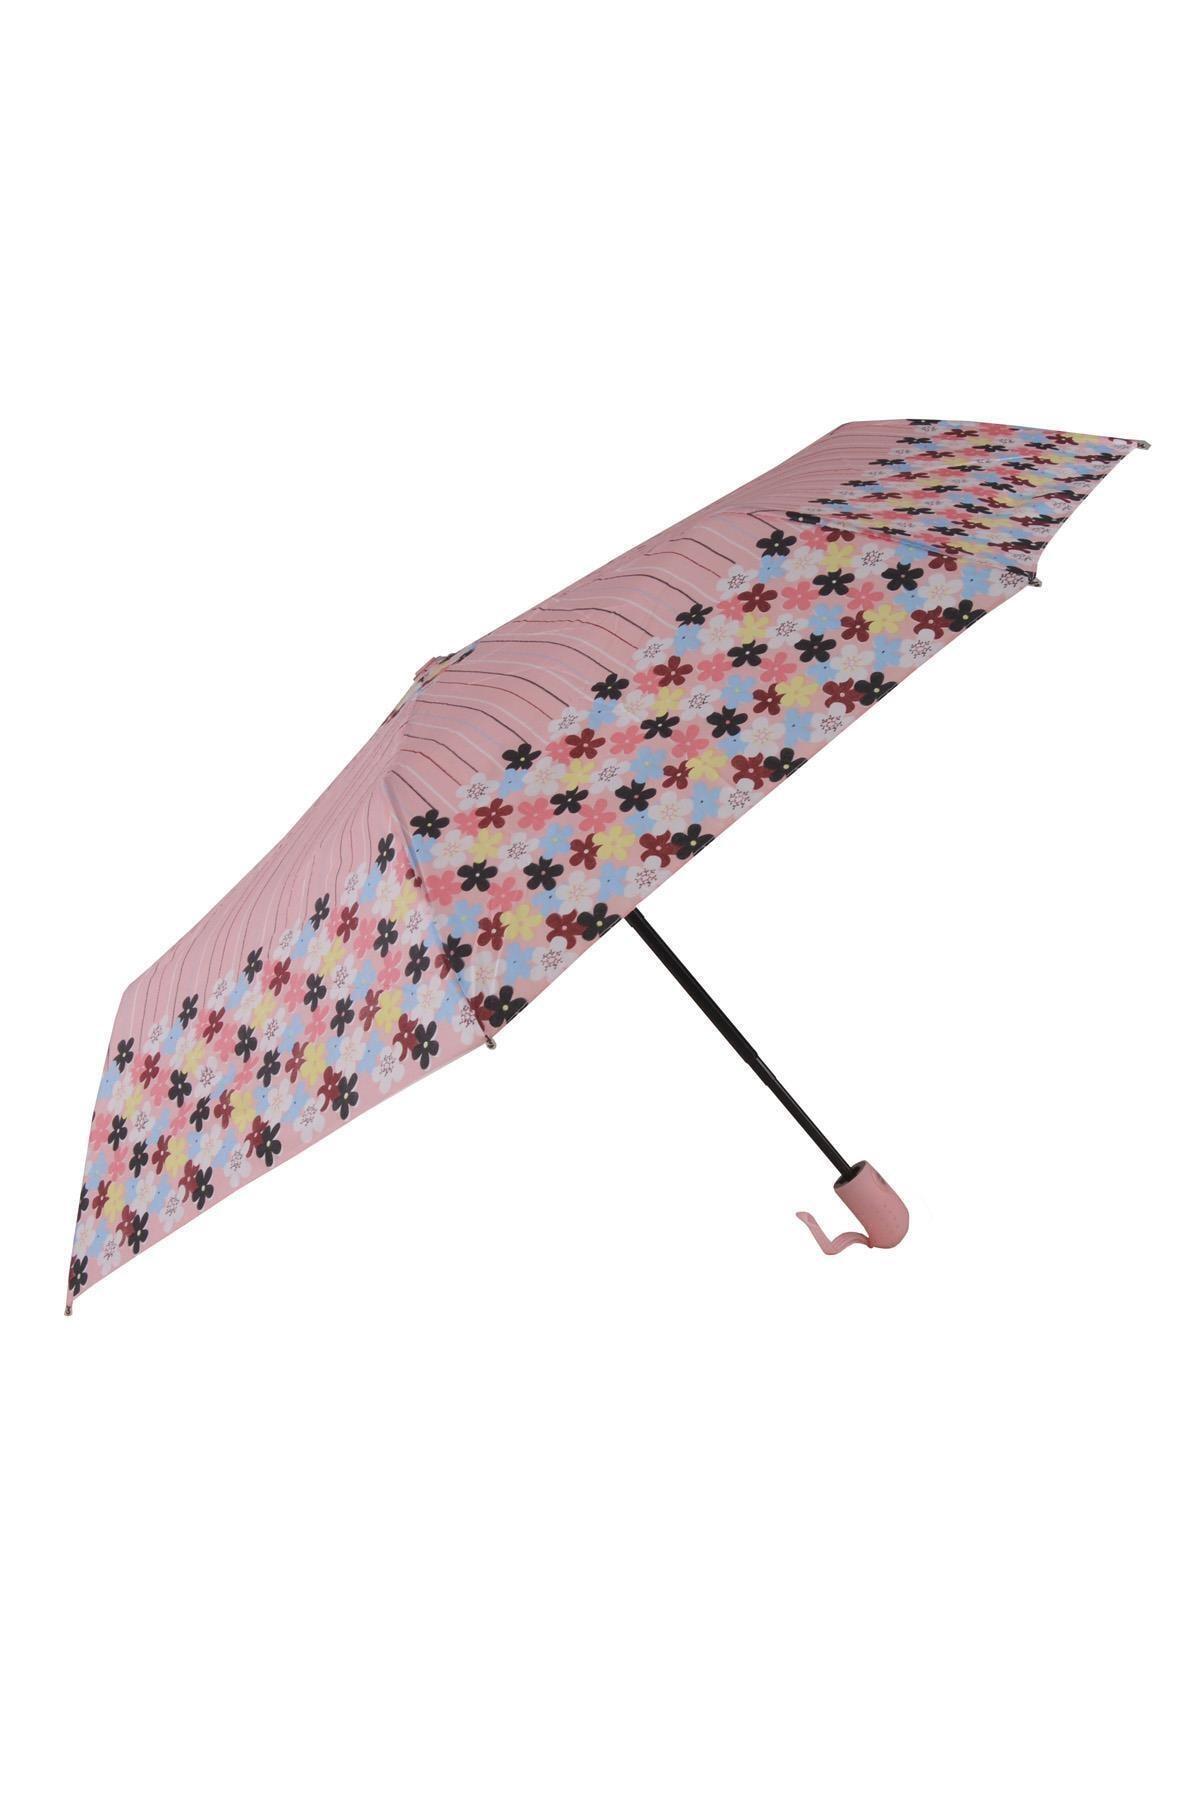 TREND Tam Otomatik Şemsiye Çiçek Desenli Pudra 6638 1